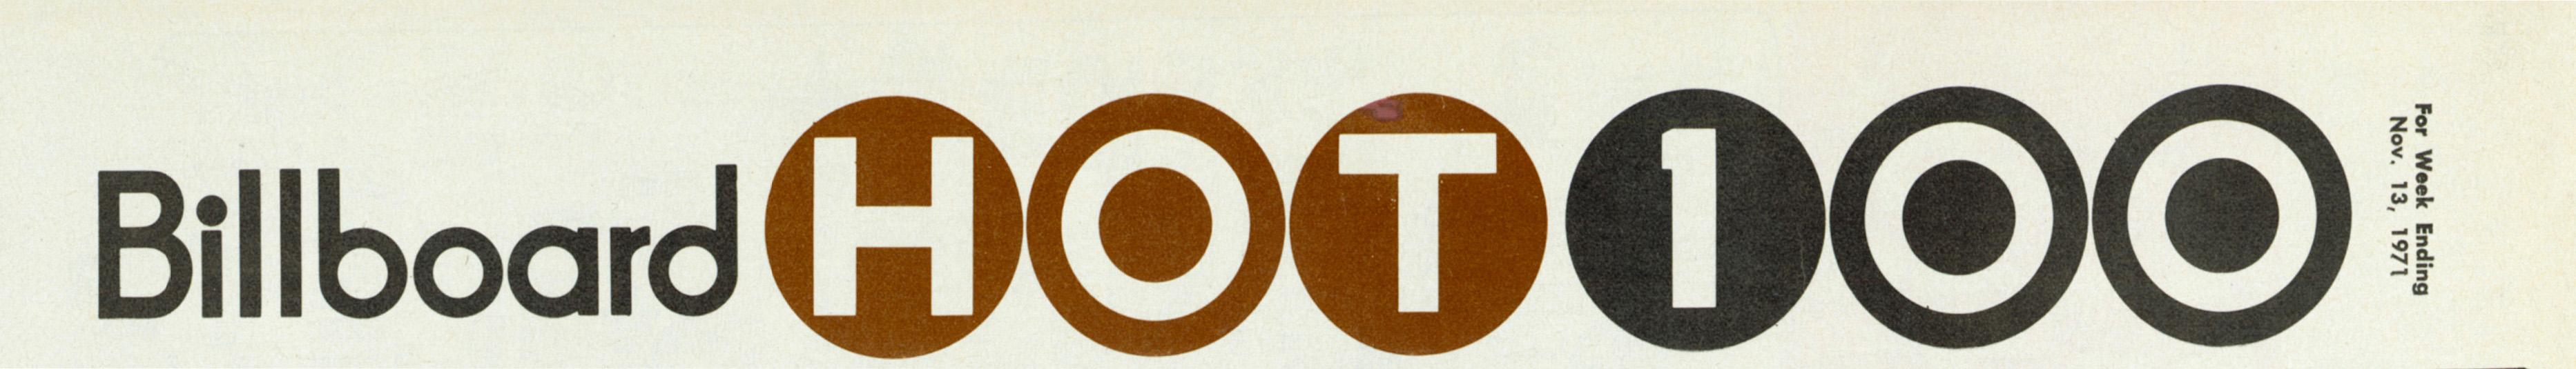 BILLBOARD Hot 100 November 13, 1971 (MCRFB header cropped)